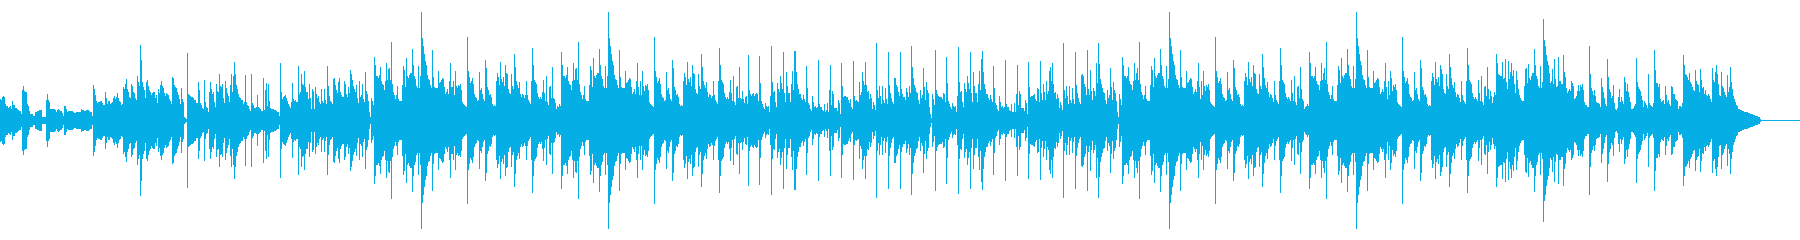 オルガンとギターのハートフル郷愁ソングの再生済みの波形